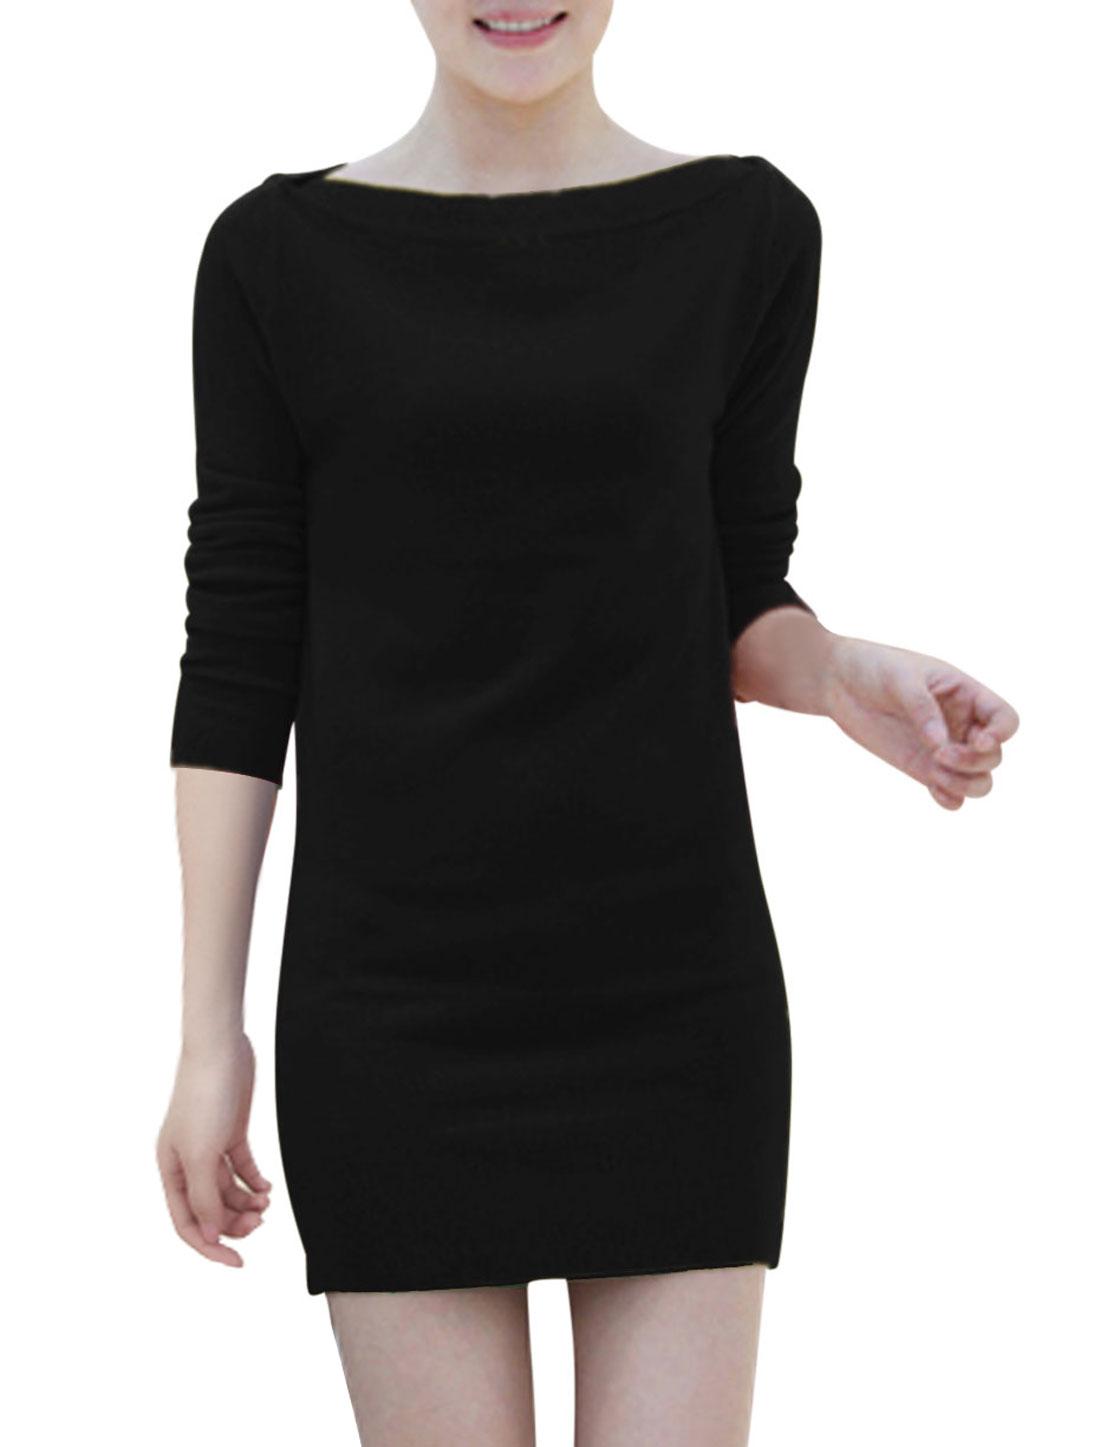 Boat Neck Two Ways Wearing Casual Knit Sheath Dress for Women Black S